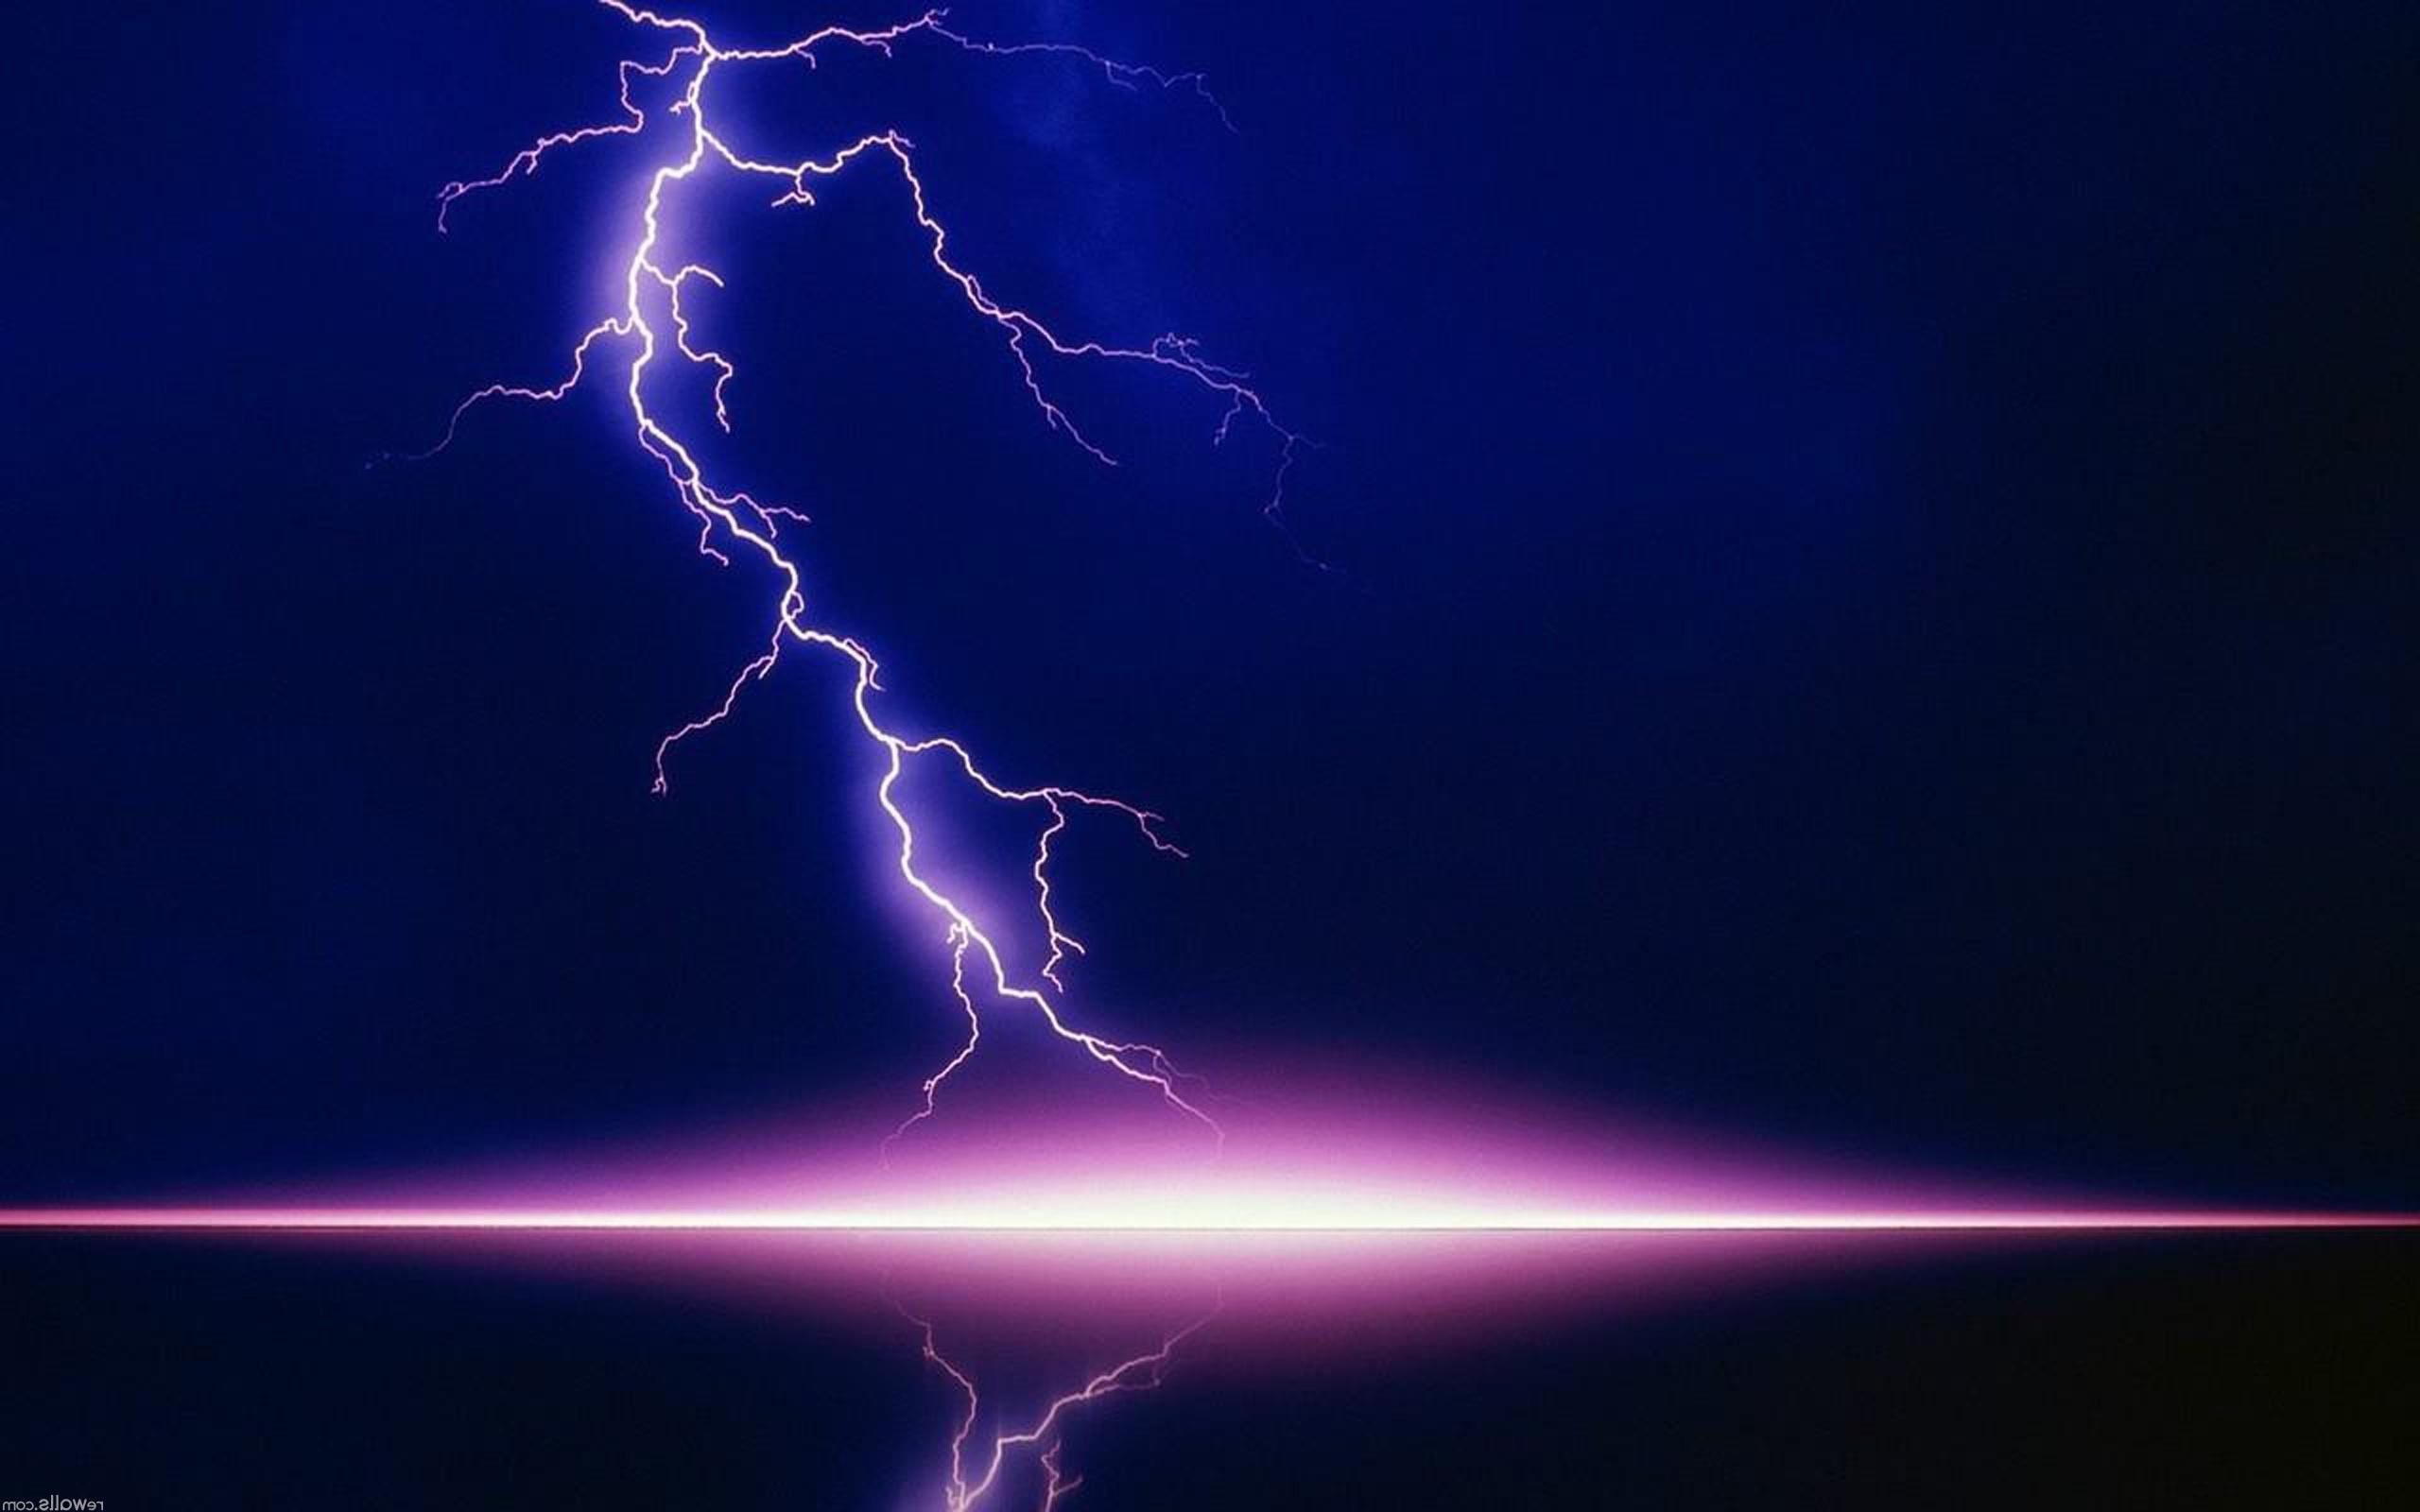 ocean lightning storms – Google Search   Lightning storms   Pinterest    Lightning, Storms and Nature wallpaper